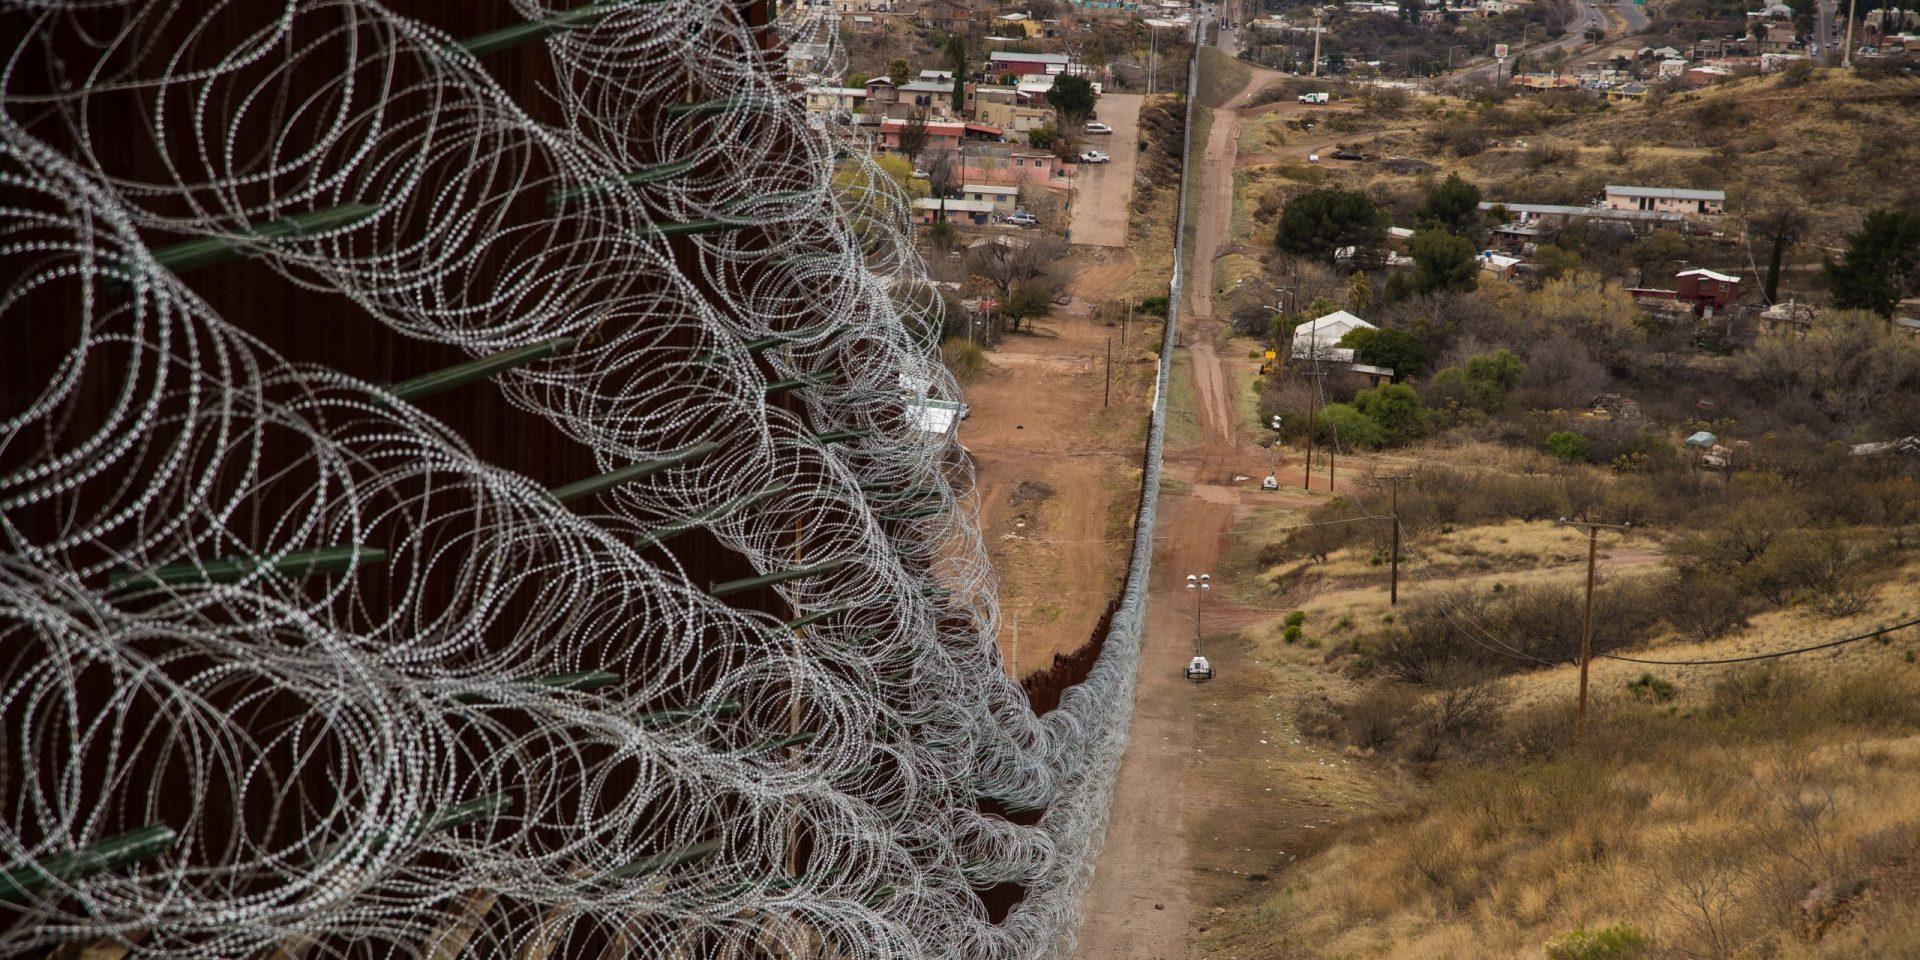 Allt fler murar byggs för att stoppa migration. Muren mot Mexiko kan komma att bli den senaste i ledet. I Nogales som gränsar till Arizona har stängselbygget redan börjat.